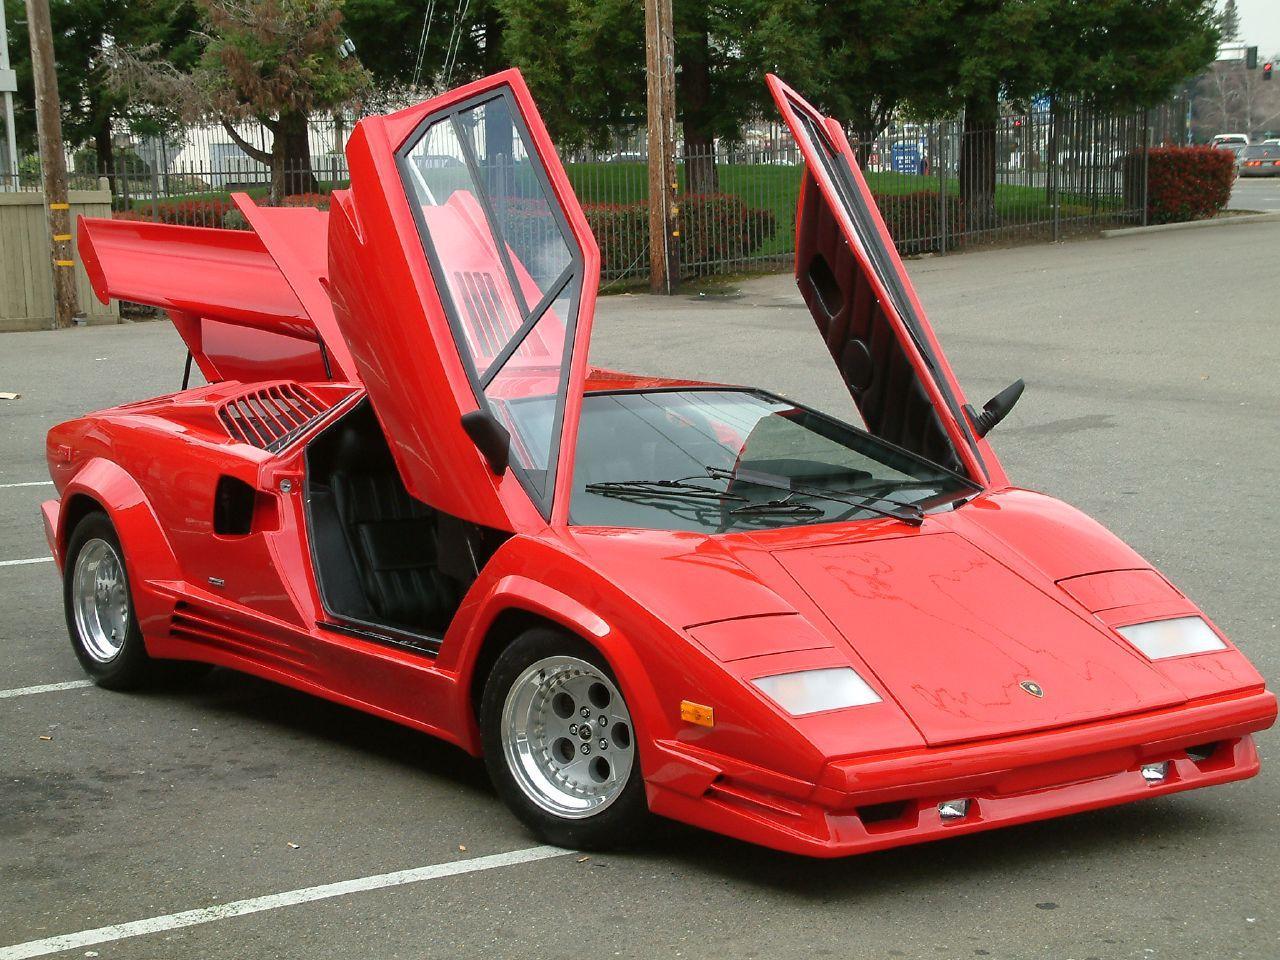 画像 20年以上前のランボルギーニ・カウンタックが新車で買えた不思議 Naver まとめ